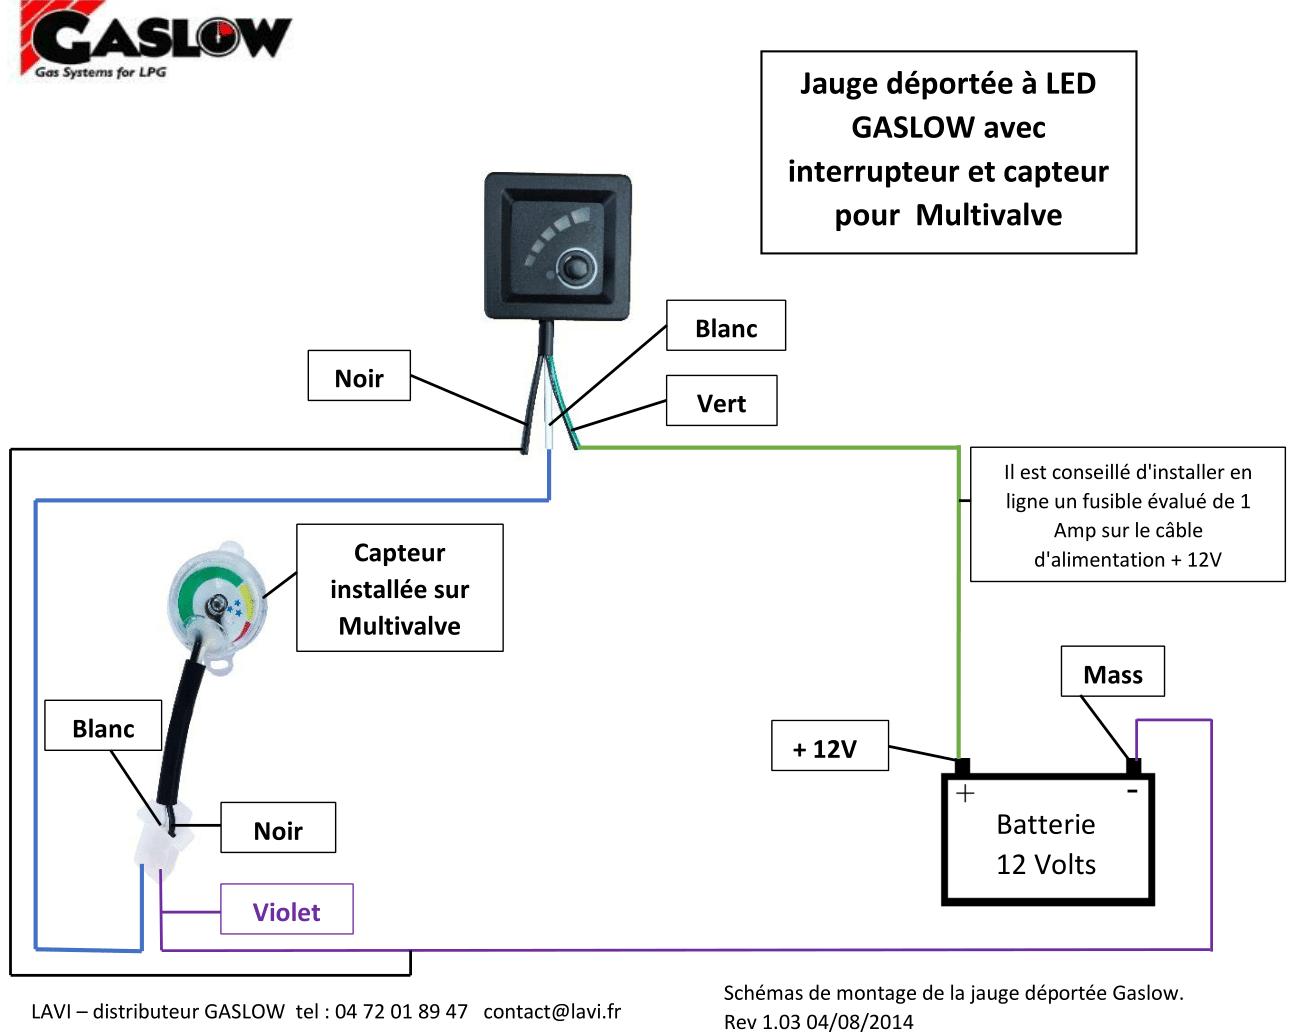 schéma de montage jauge électronique gaslow